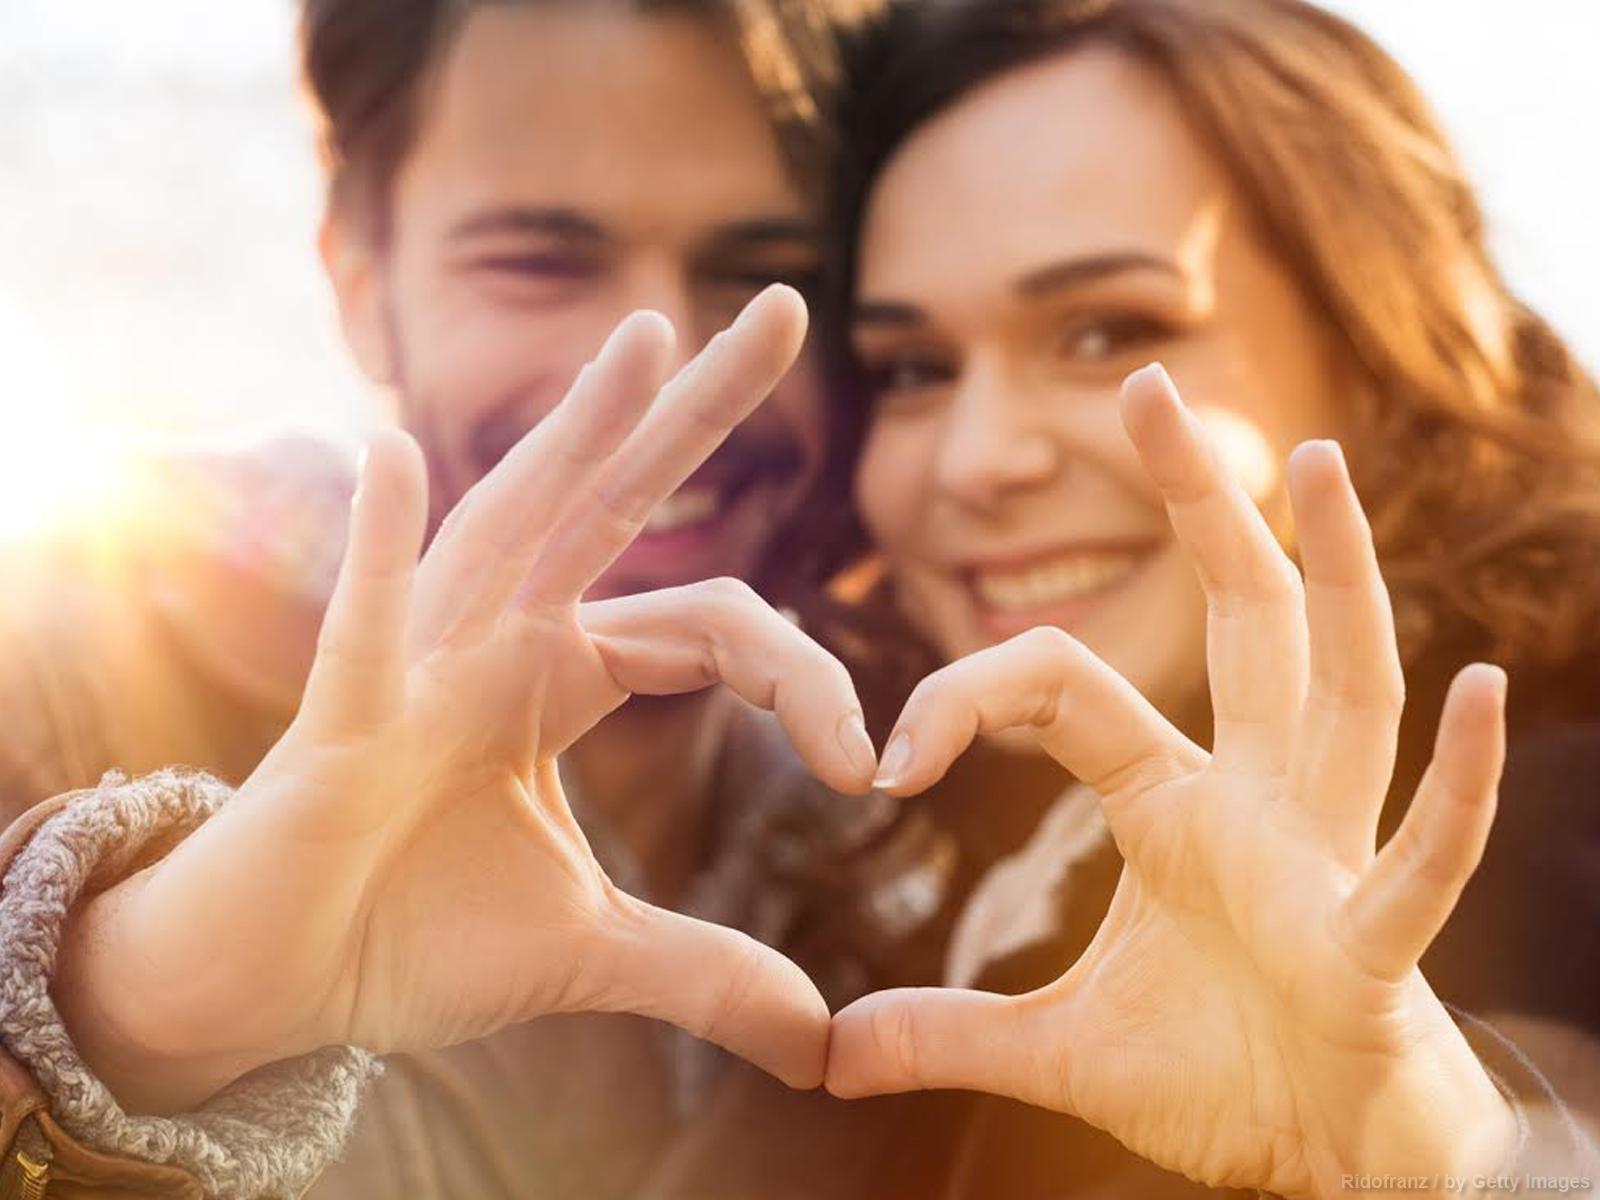 -Confira sete características positivas do amor conjugal